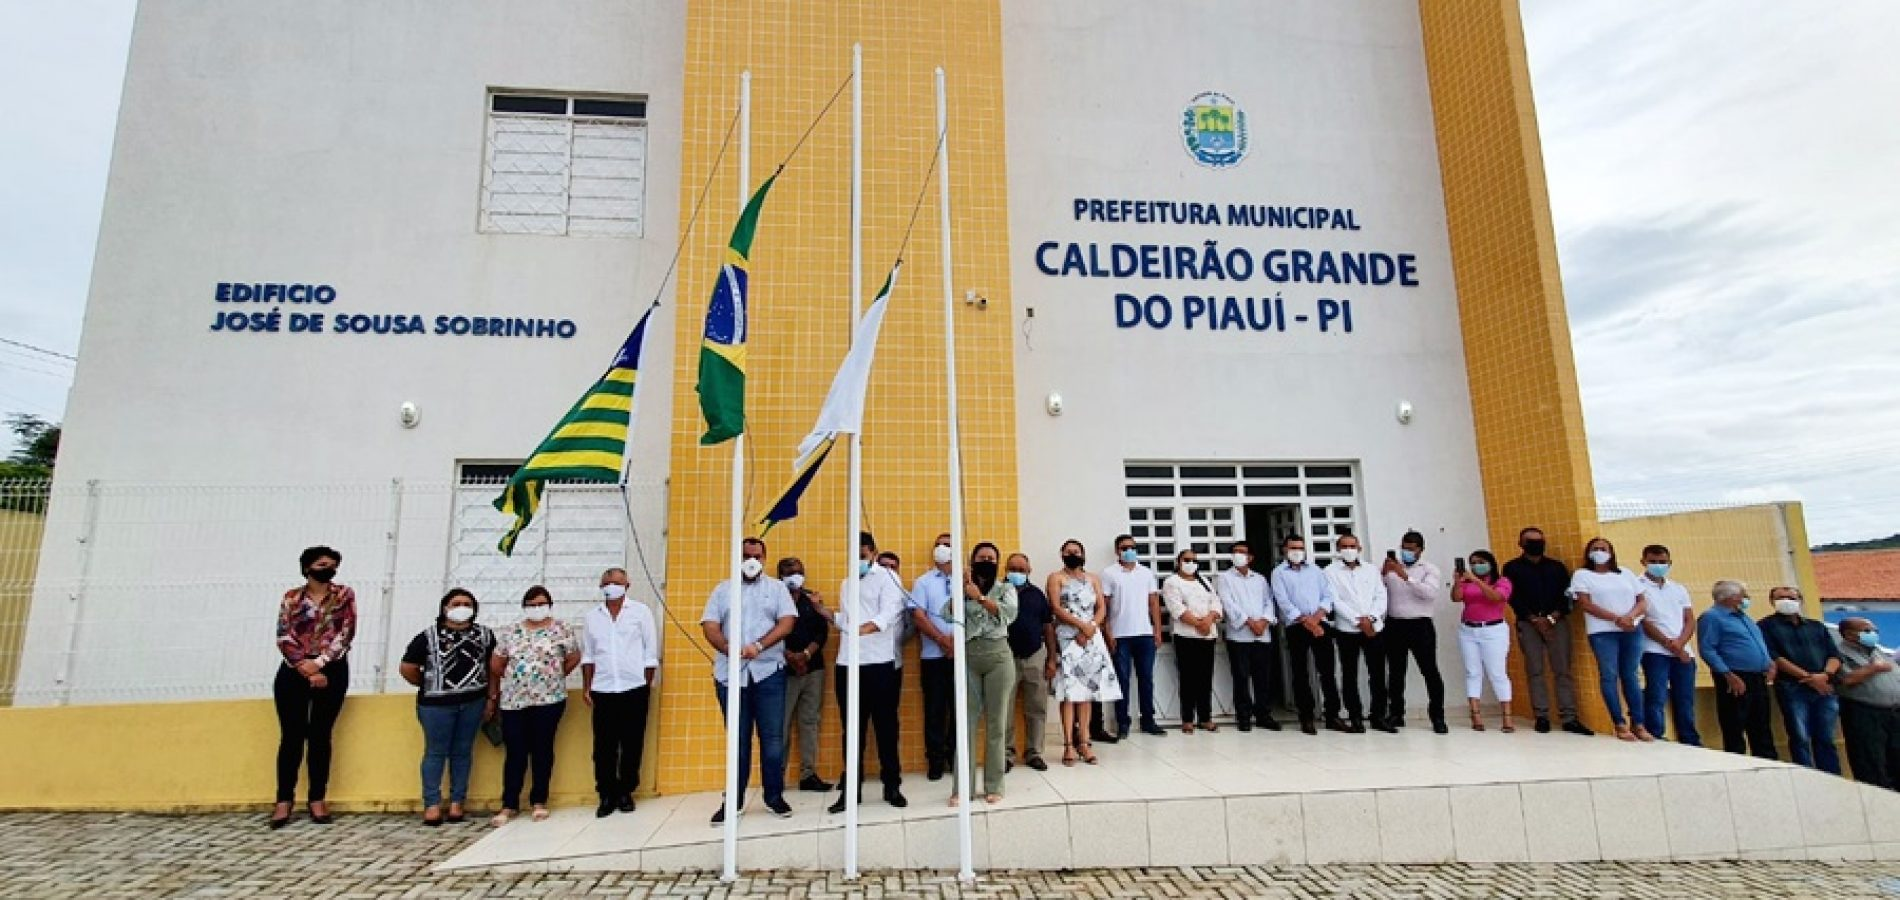 FOTOS | 29ª aniversário de Caldeirão Grande do Piauí